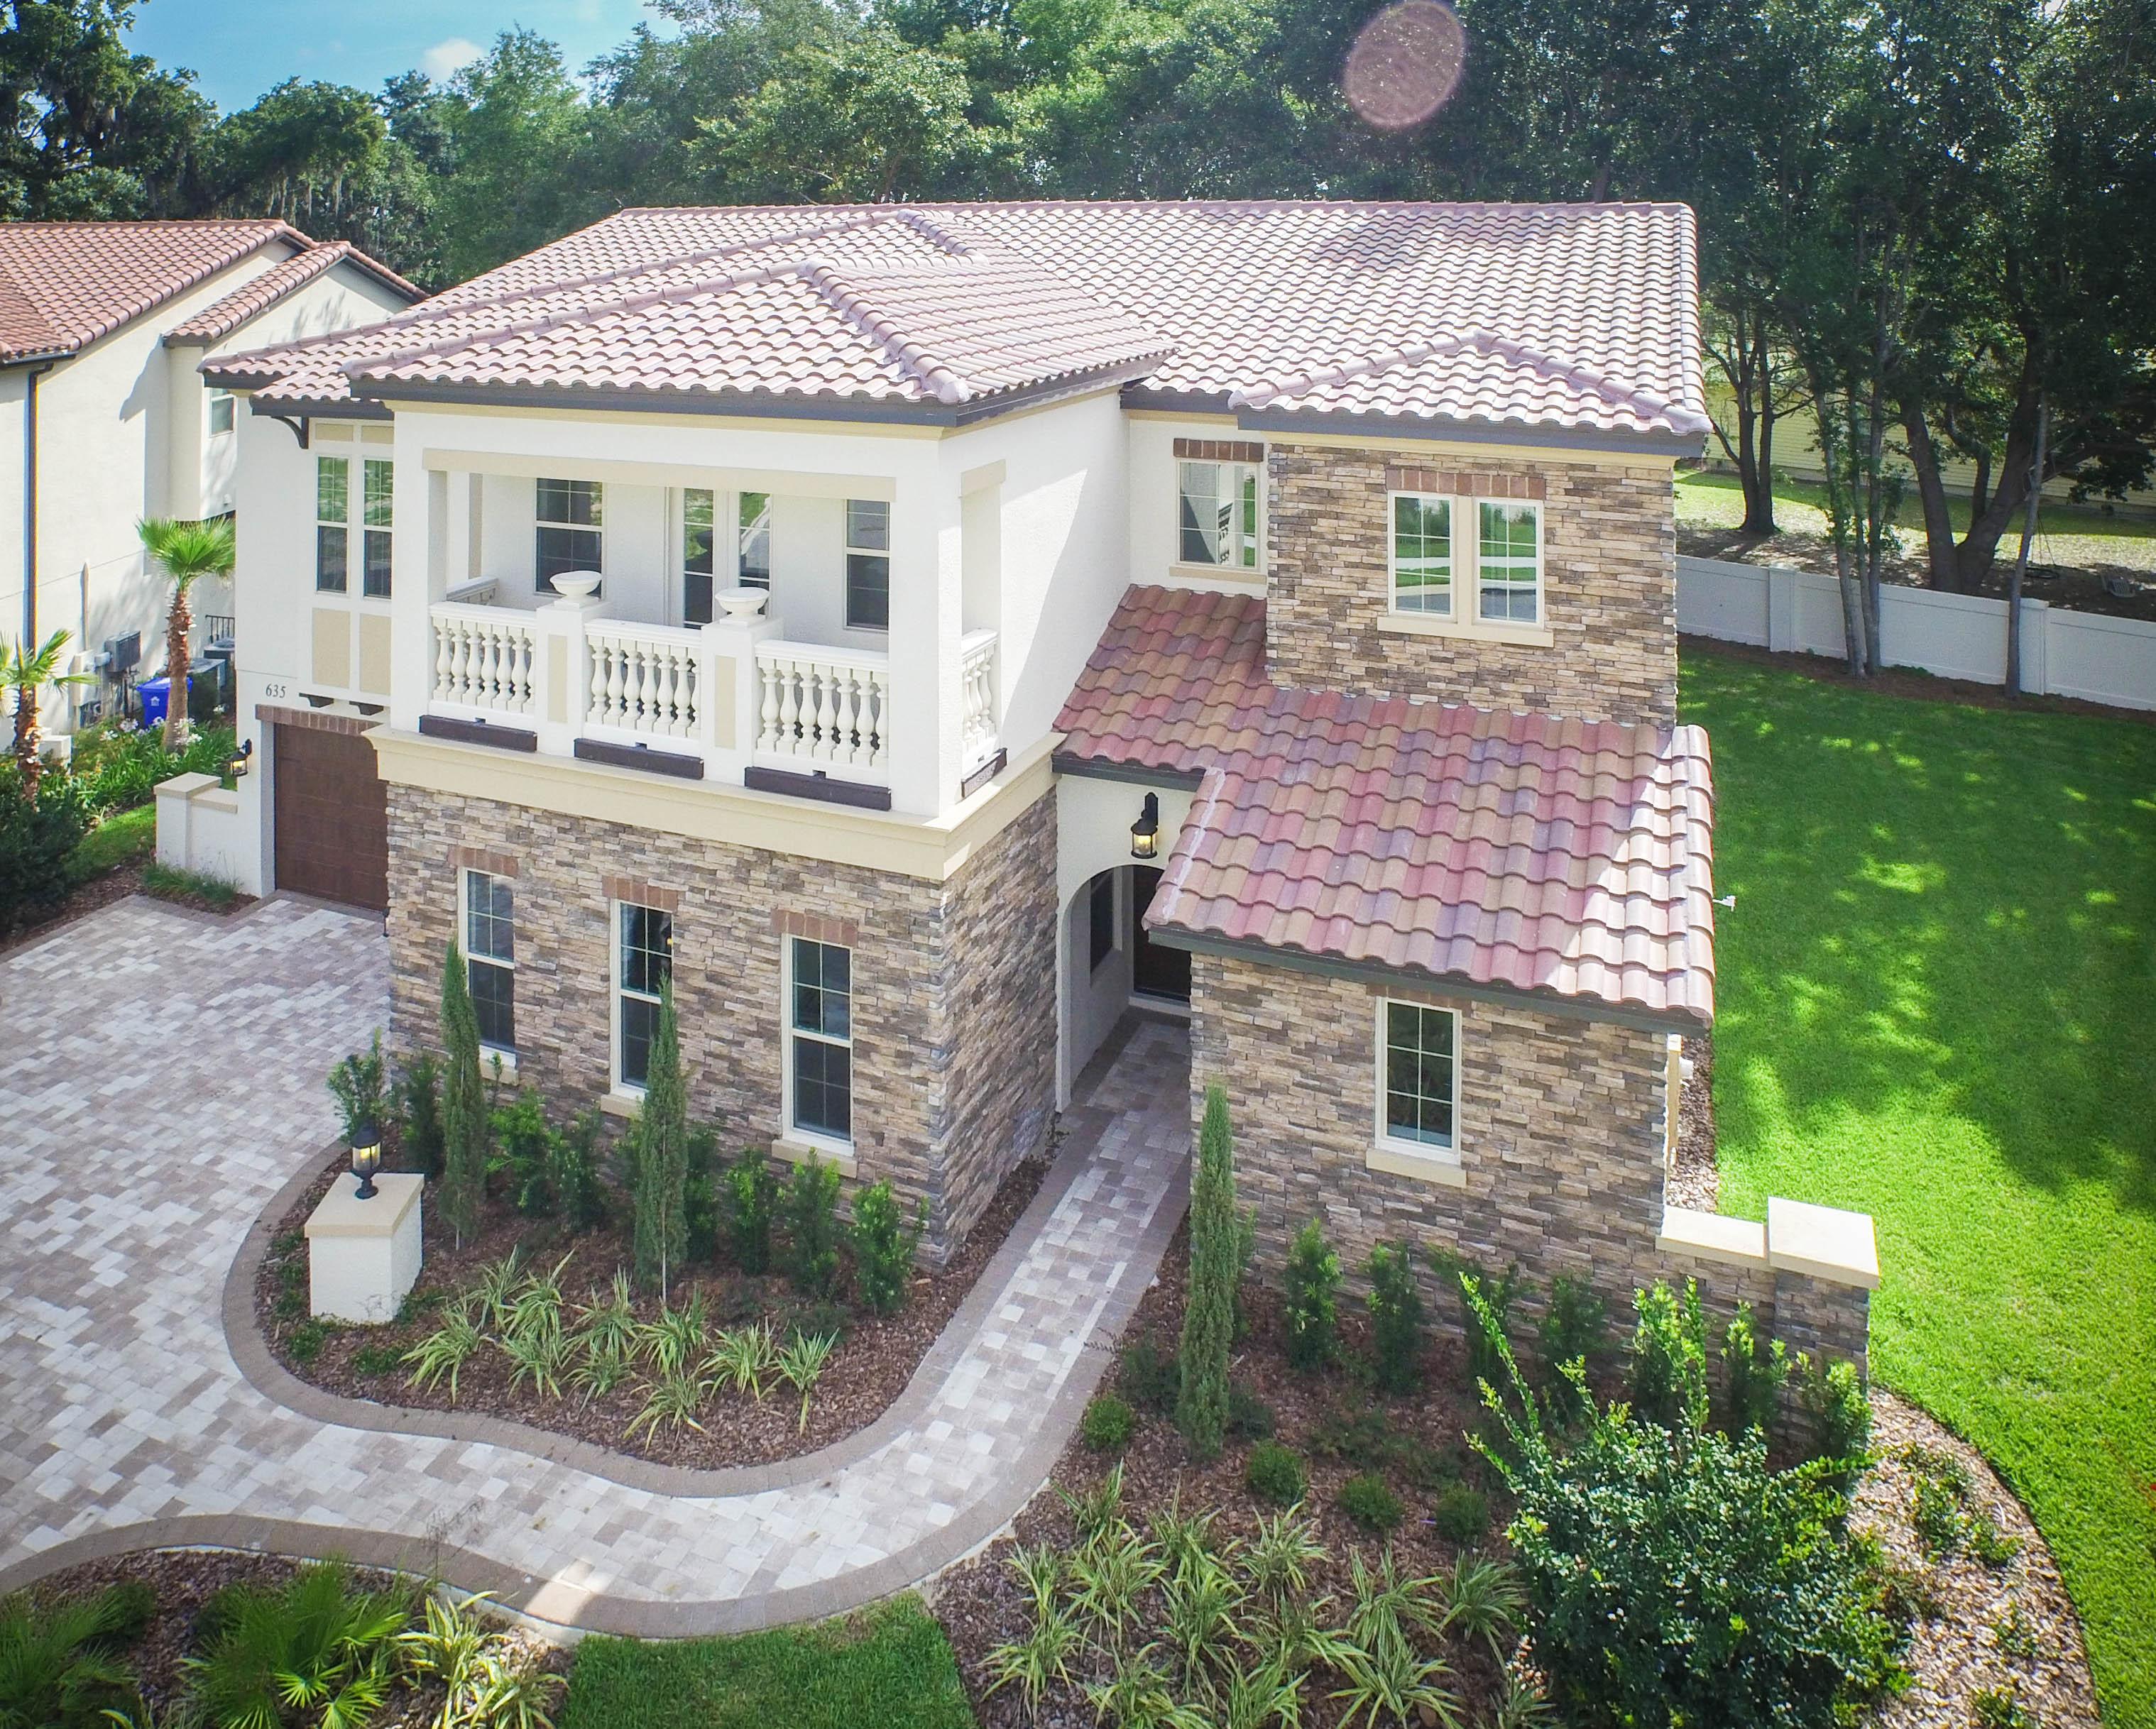 Canopy Oaks - Winter Garden Luxury Homes - & New Six Bedroom Canopy Oaks Home Is Move-In Ready u2014 Canopy Oaks